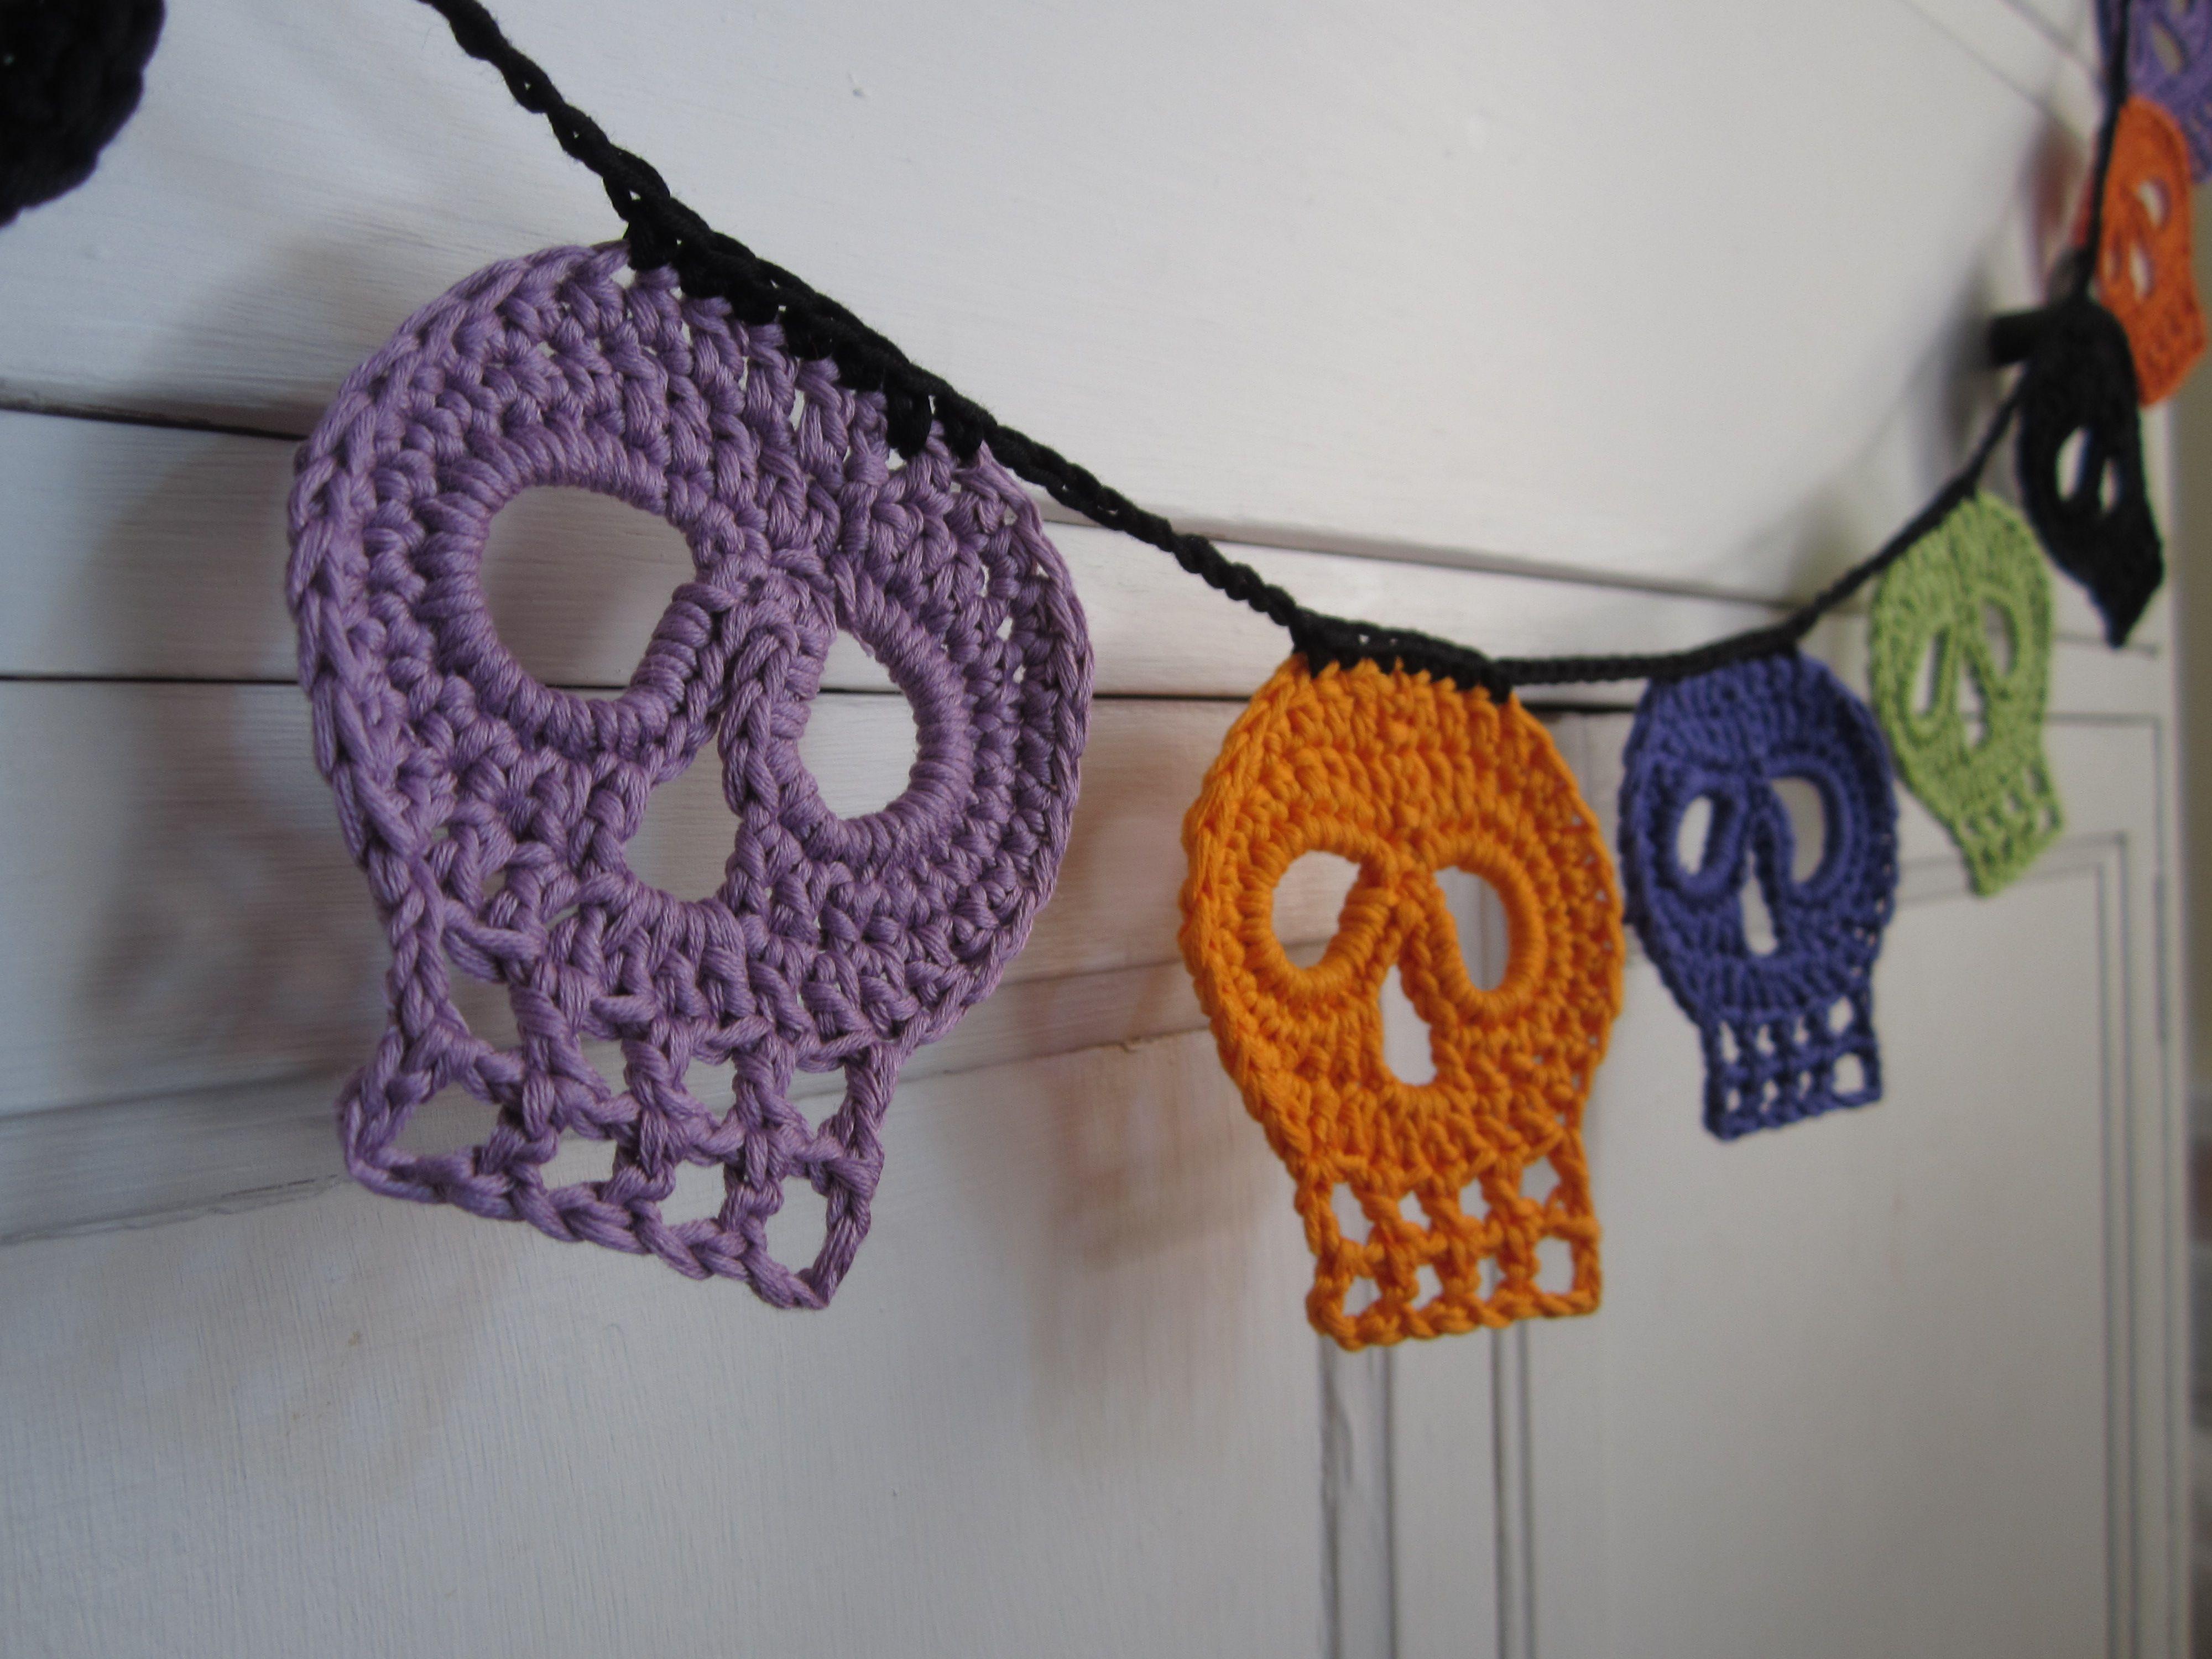 Halloween crochet | Pinterest | Dia de las muertos, Guirnaldas y Día de